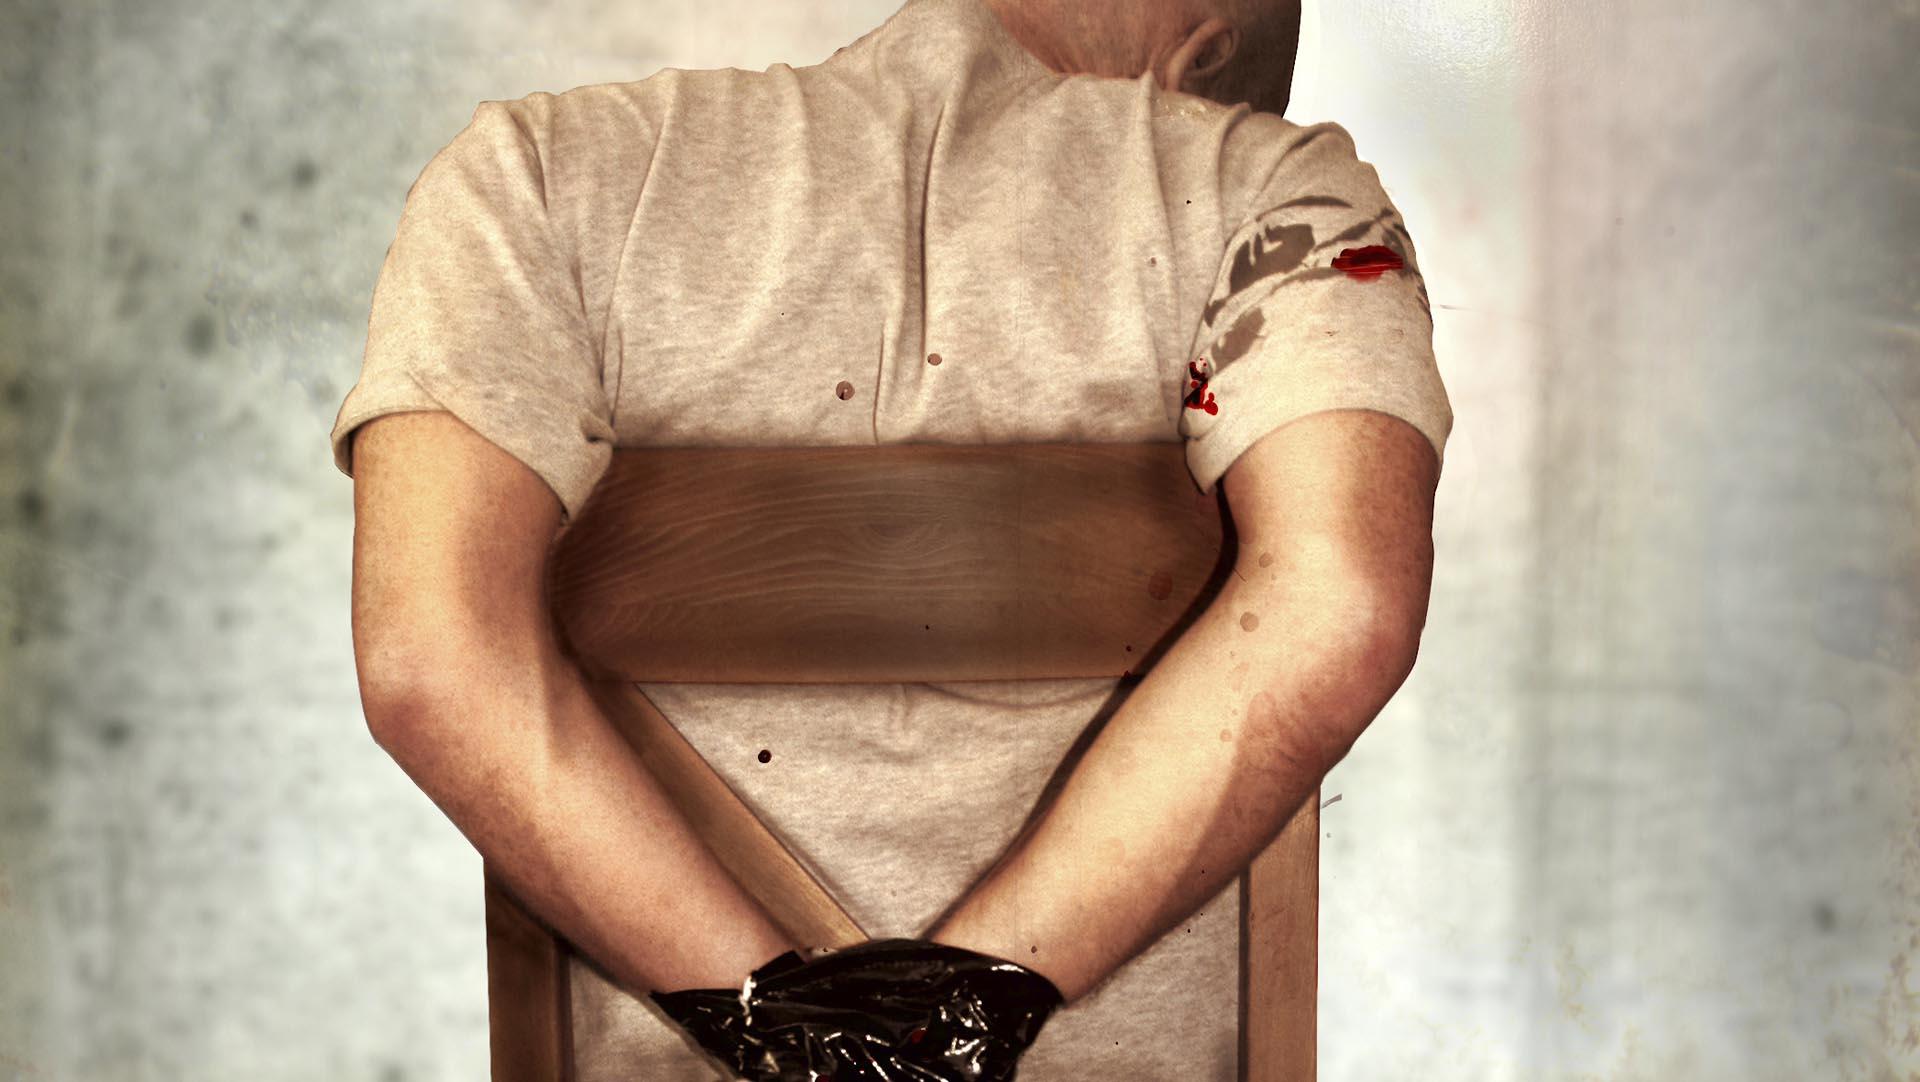 Según Human Rights Watch, en 23 casos se admitió que las declaraciones se obtuvieron mediante torturas, de 158.000